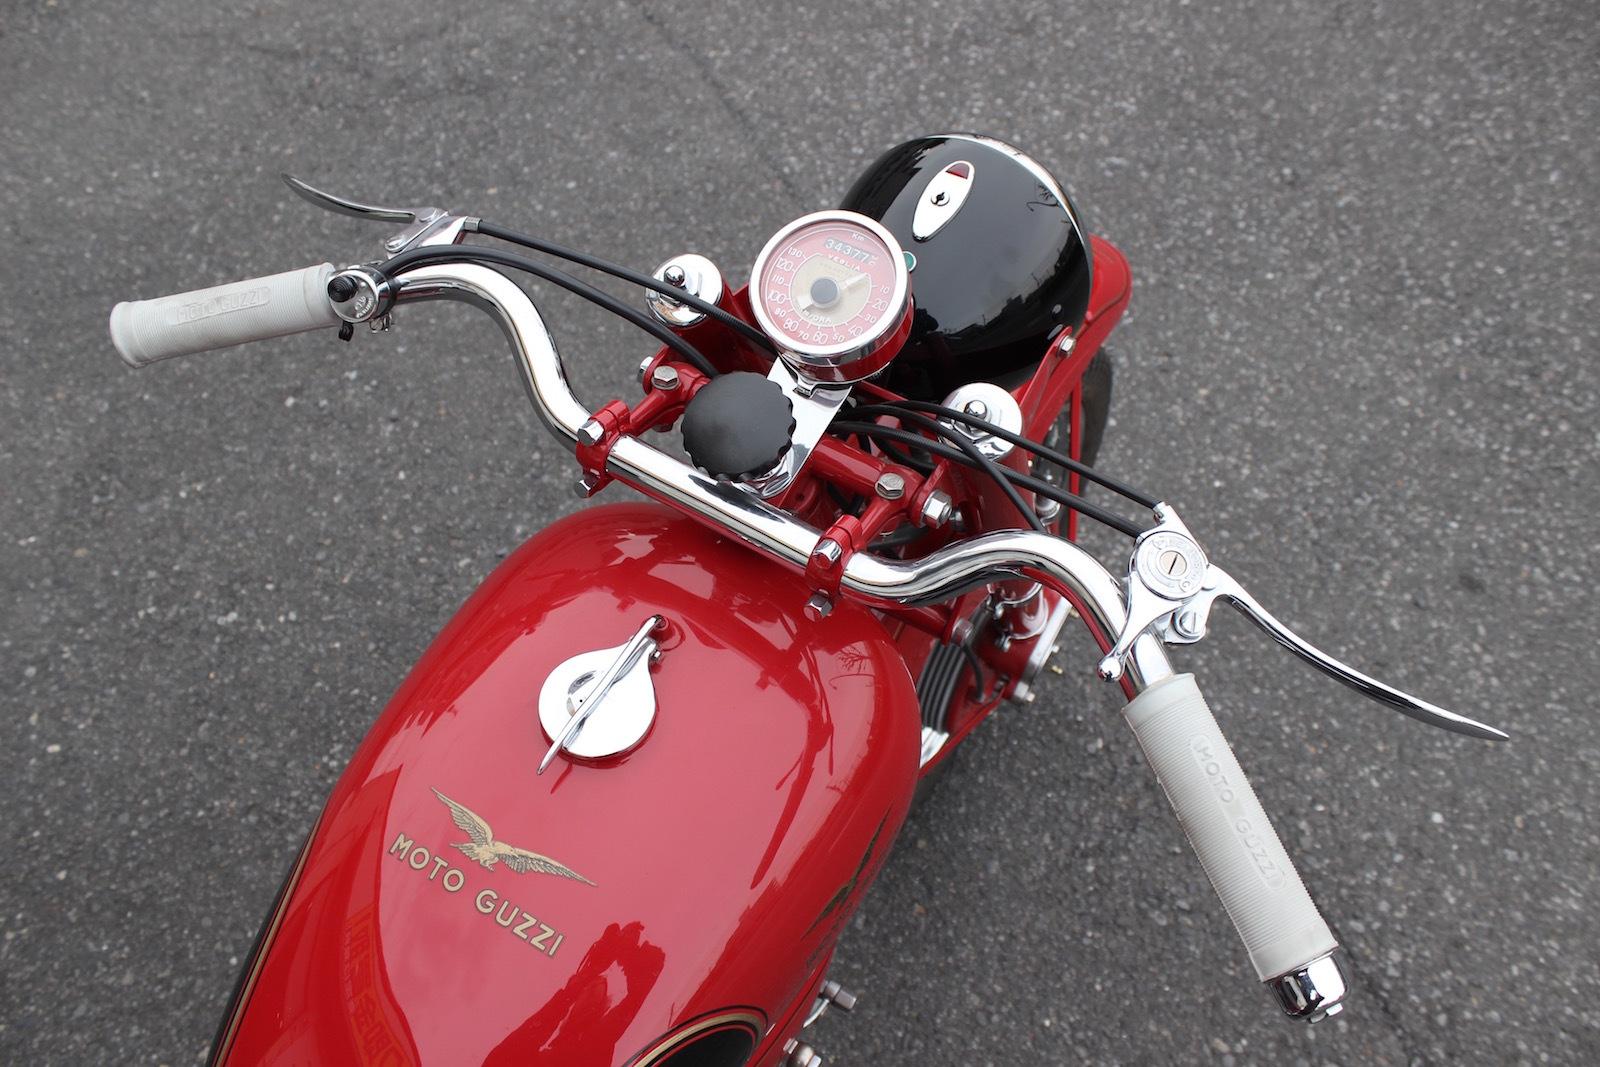 Moto Guzzi Airone Turismo 入荷。_a0208987_17582750.jpg